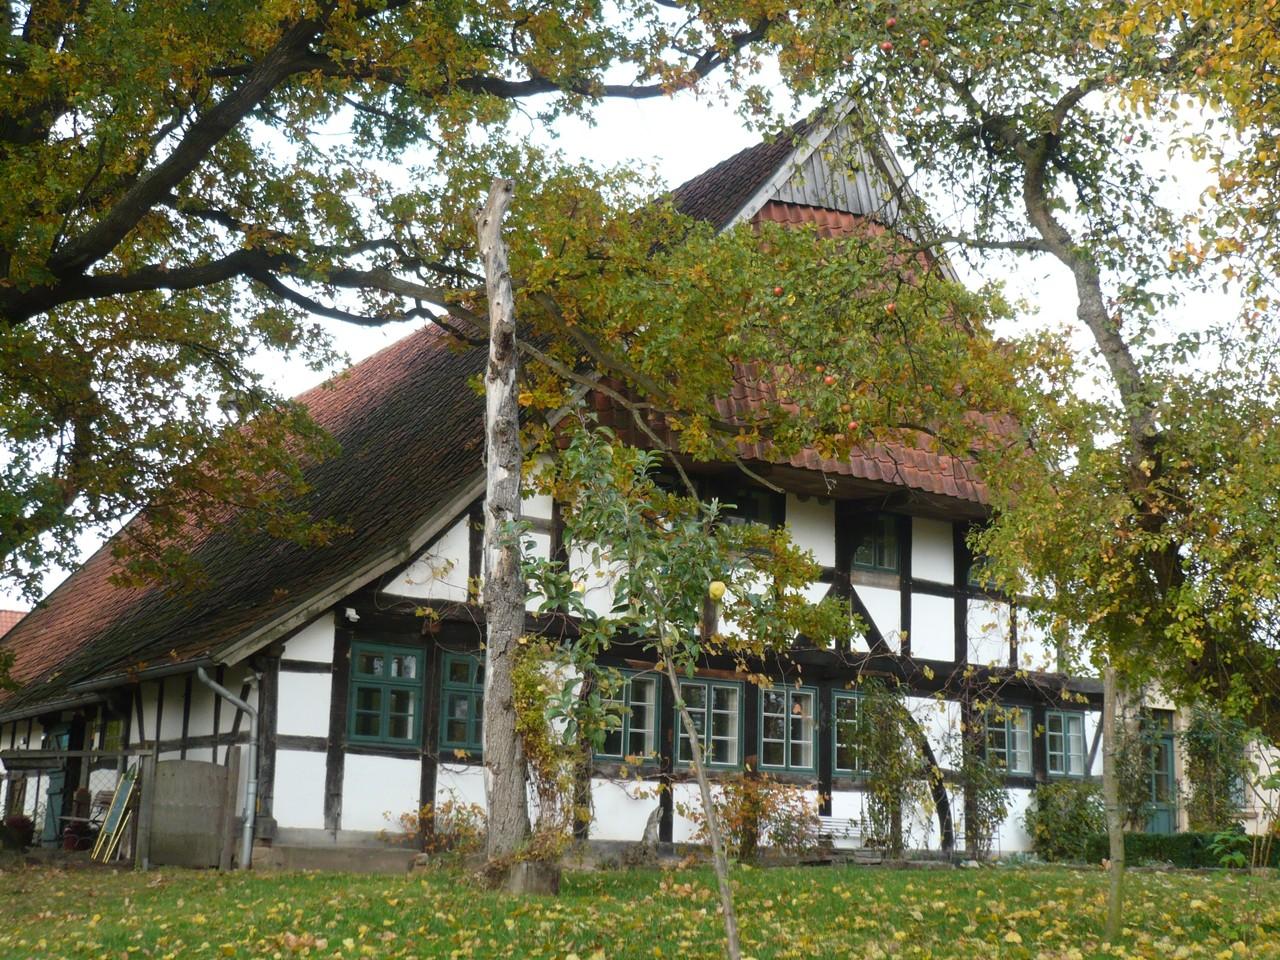 Haus Windheim No2 -Petershagen- Mittelweser